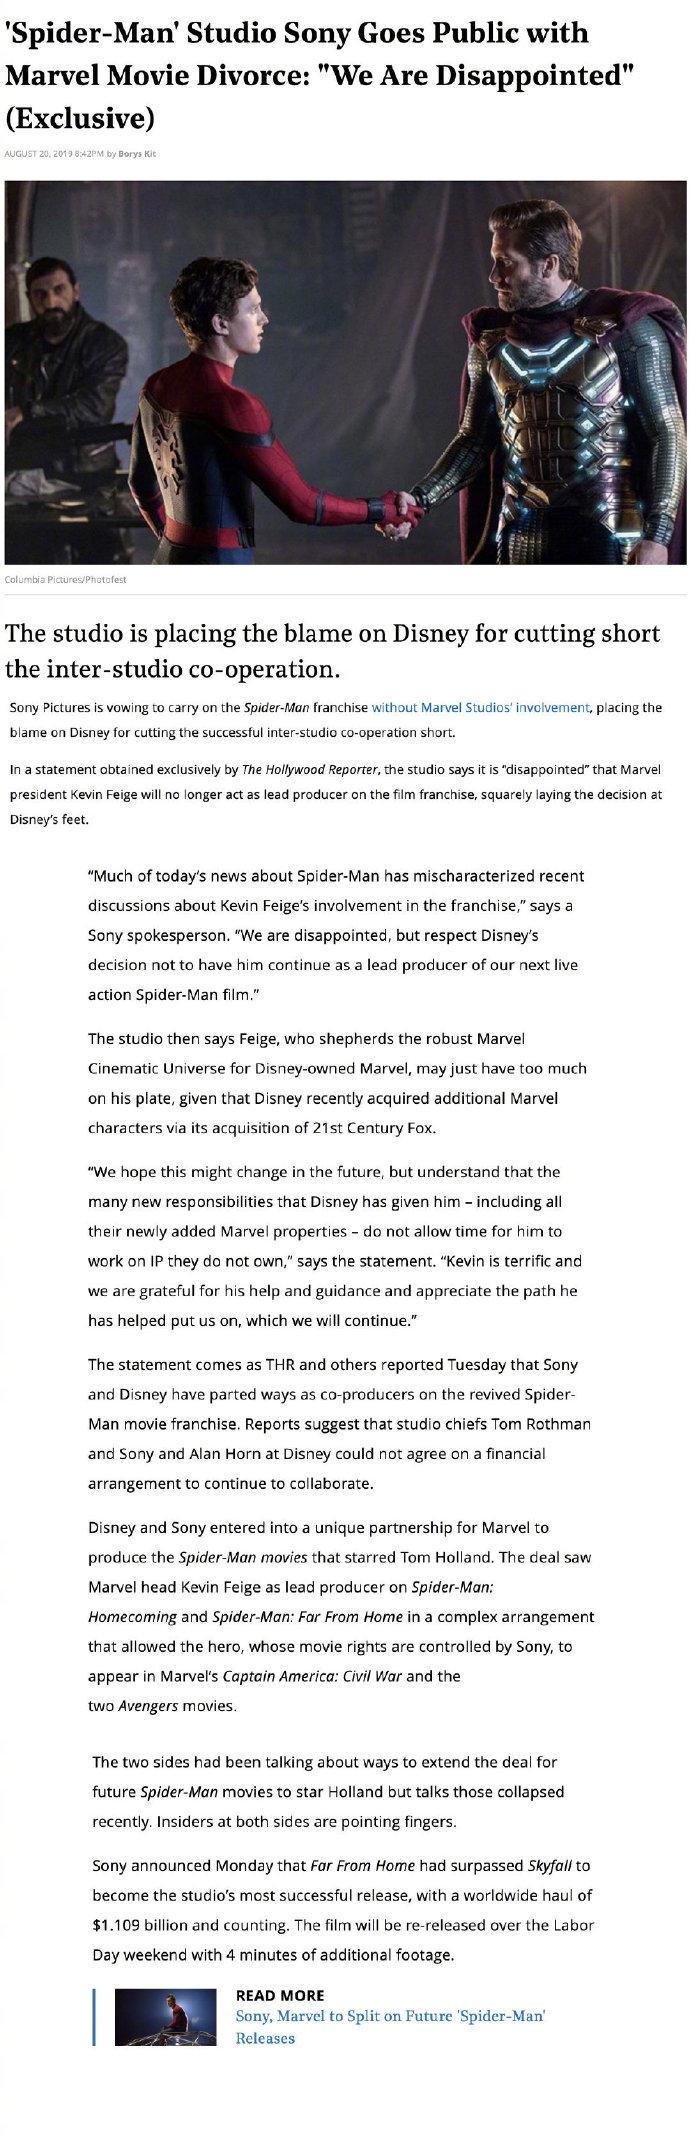 """蜘蛛侠退出漫威宇宙 索尼官方回应失望但尊重 """"希望未来能有改变"""""""